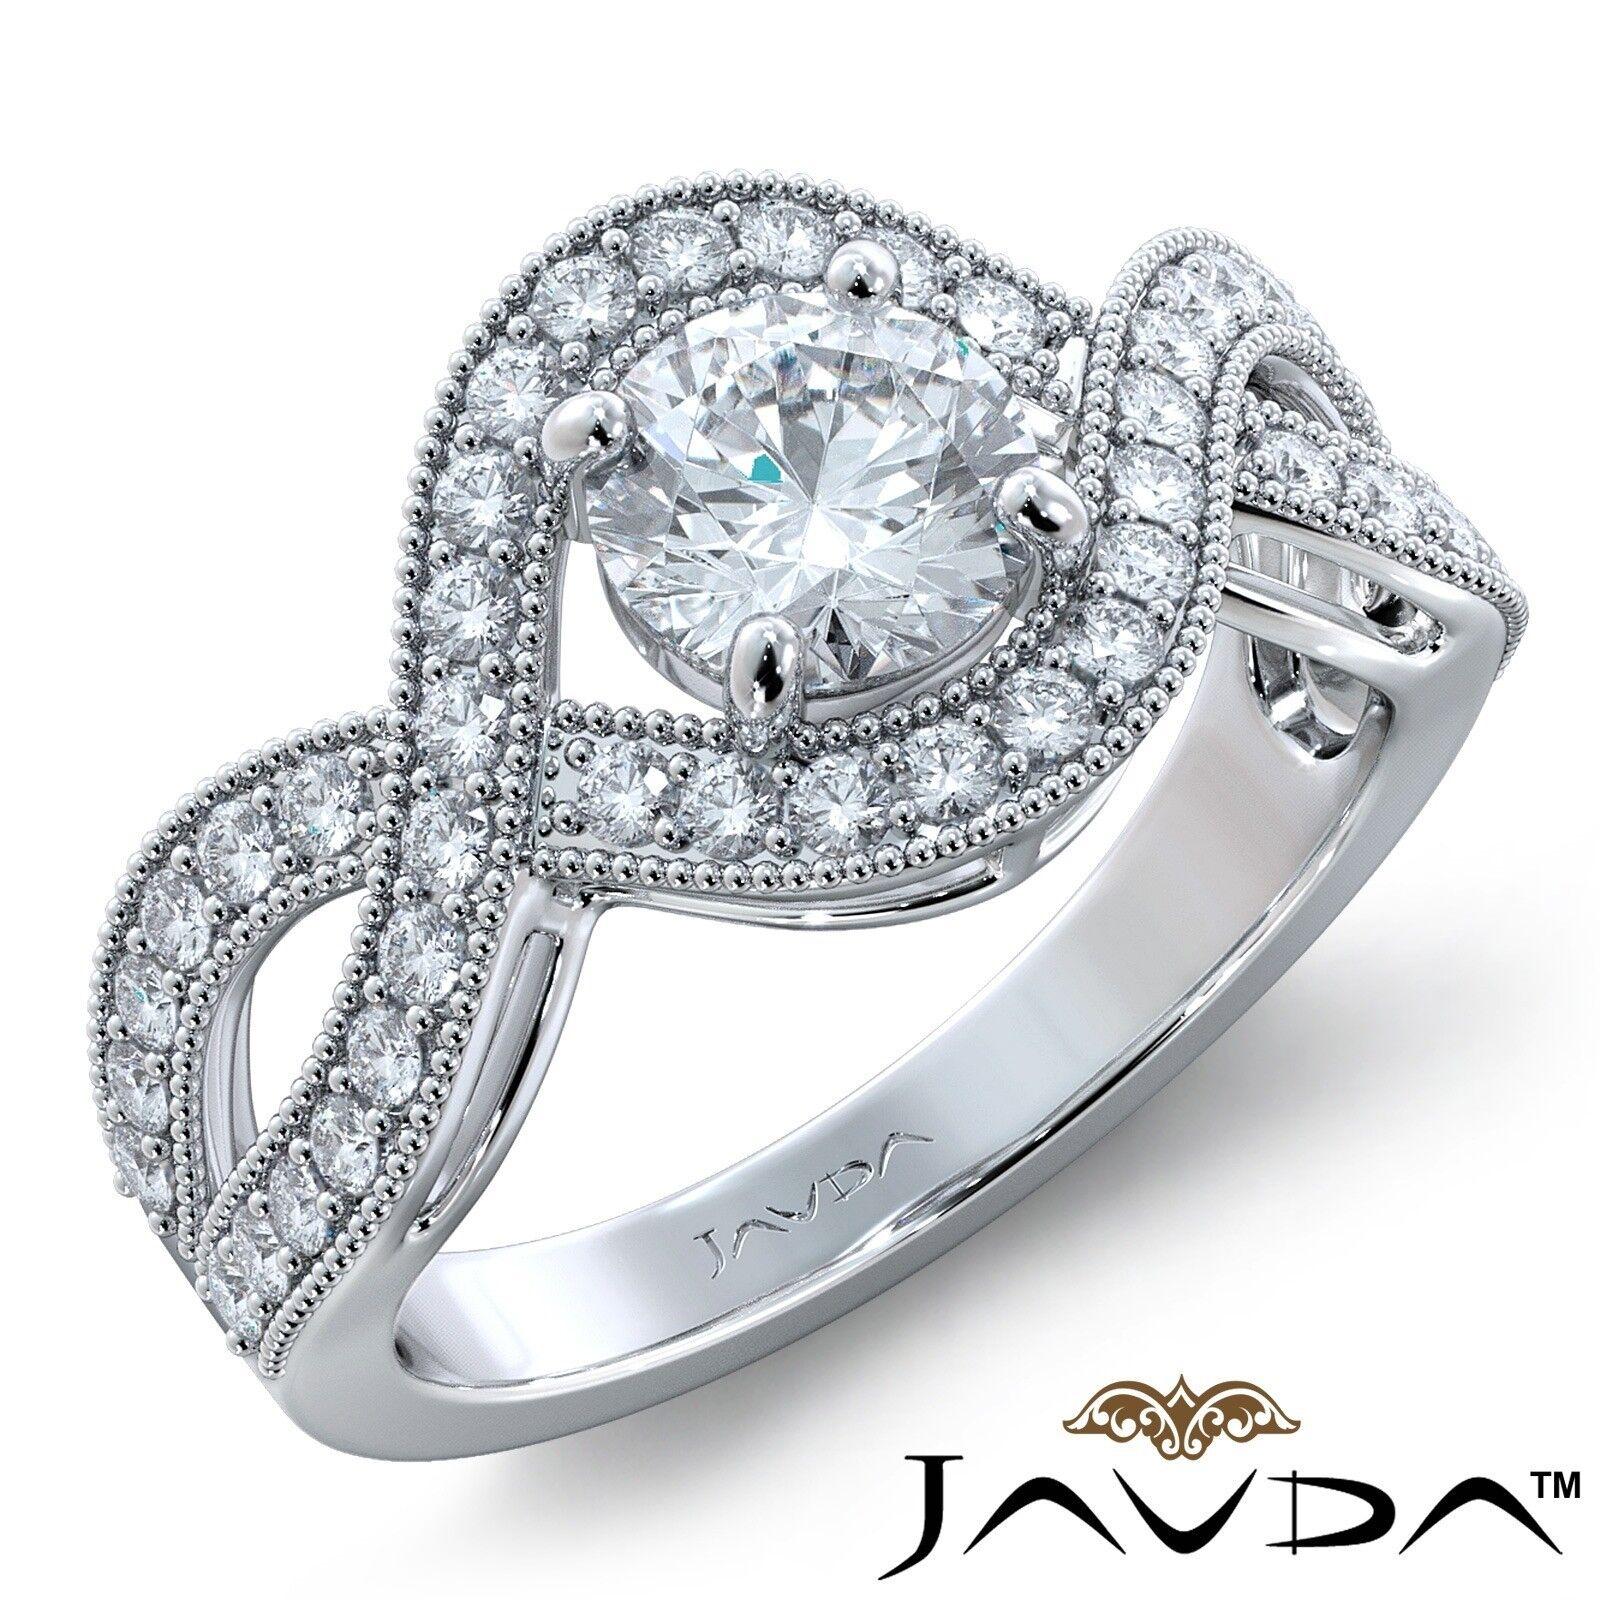 1.25ctw Milgrain Halo Side Stone Round Diamond Engagement Ring GIA G-VS1 W Gold